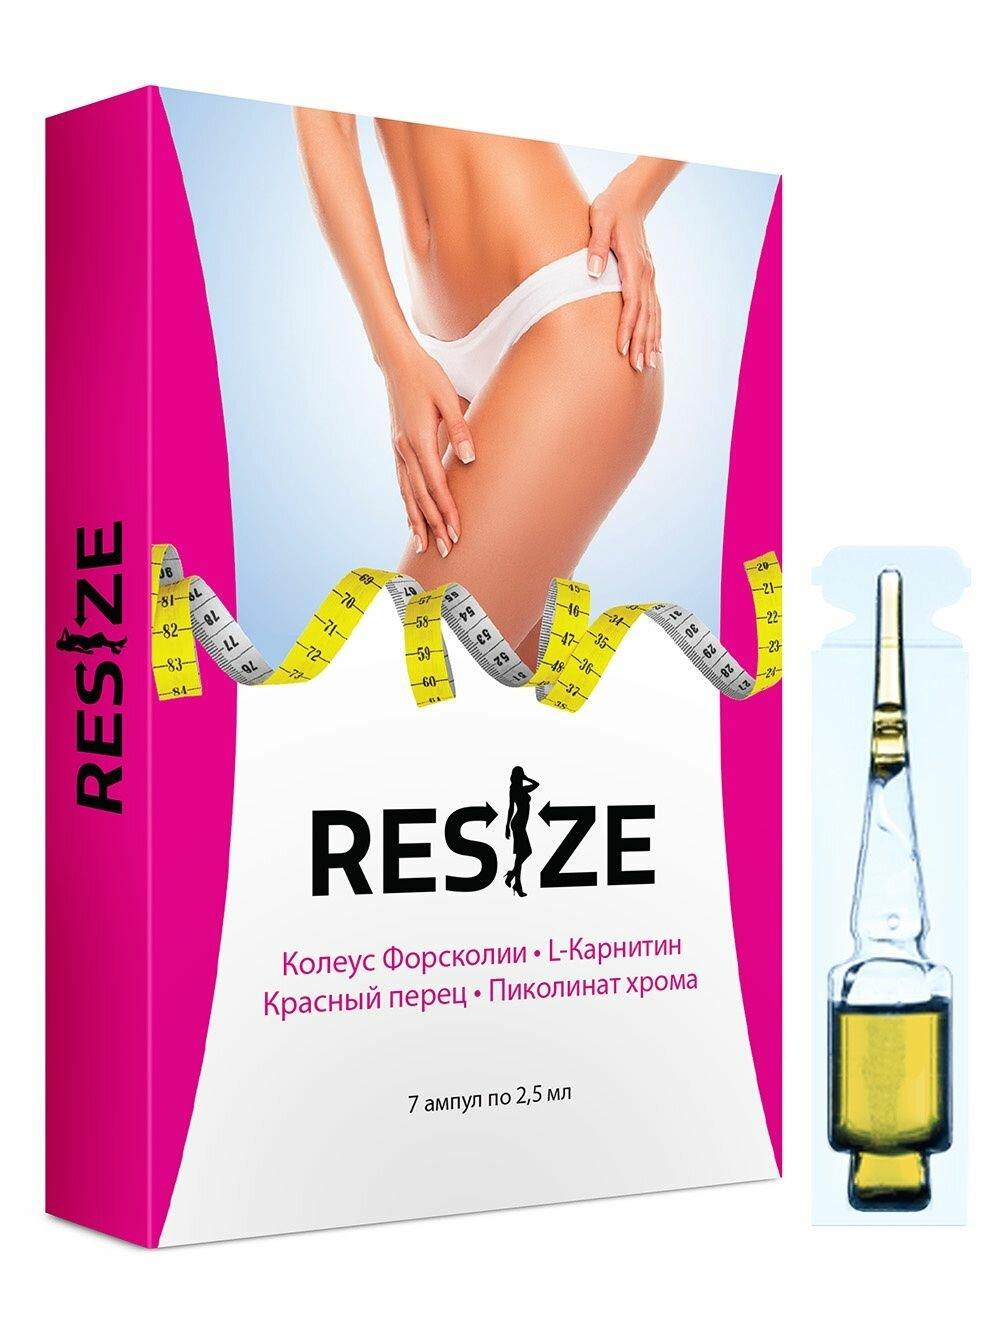 RESIZE для похудения в Тюкалинске